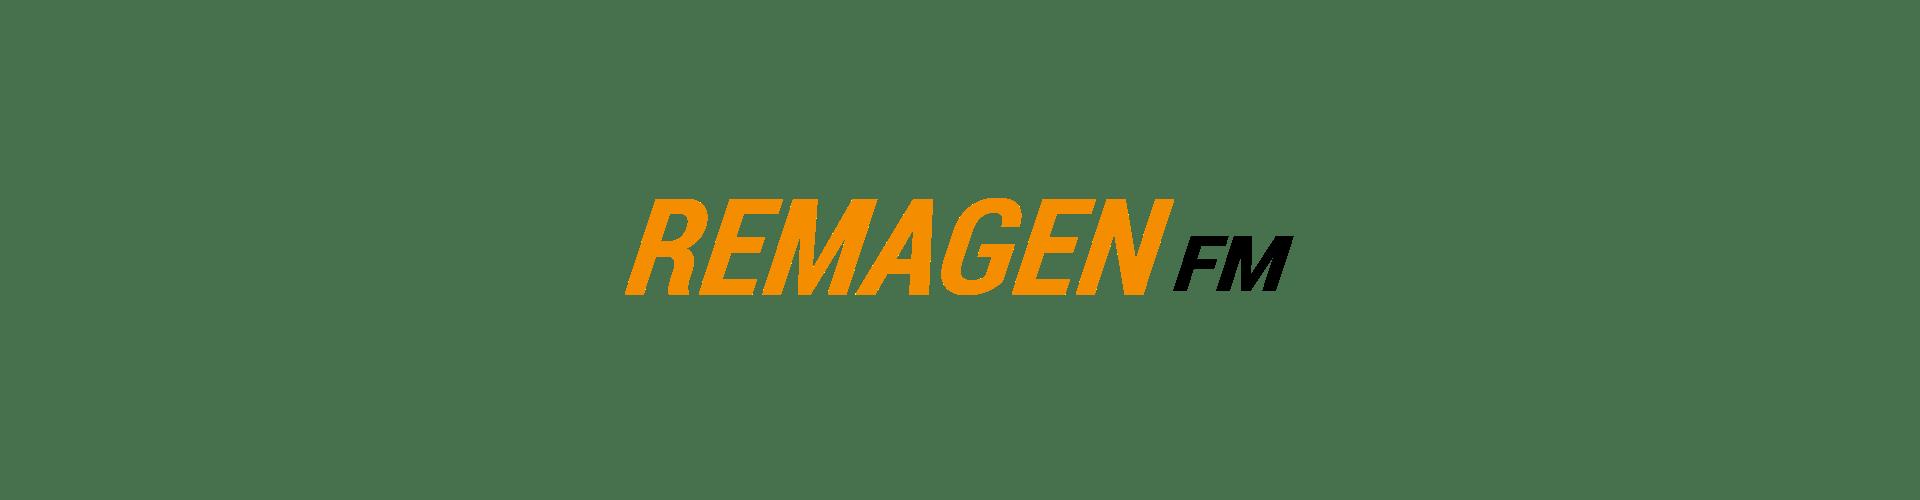 Remagen FM